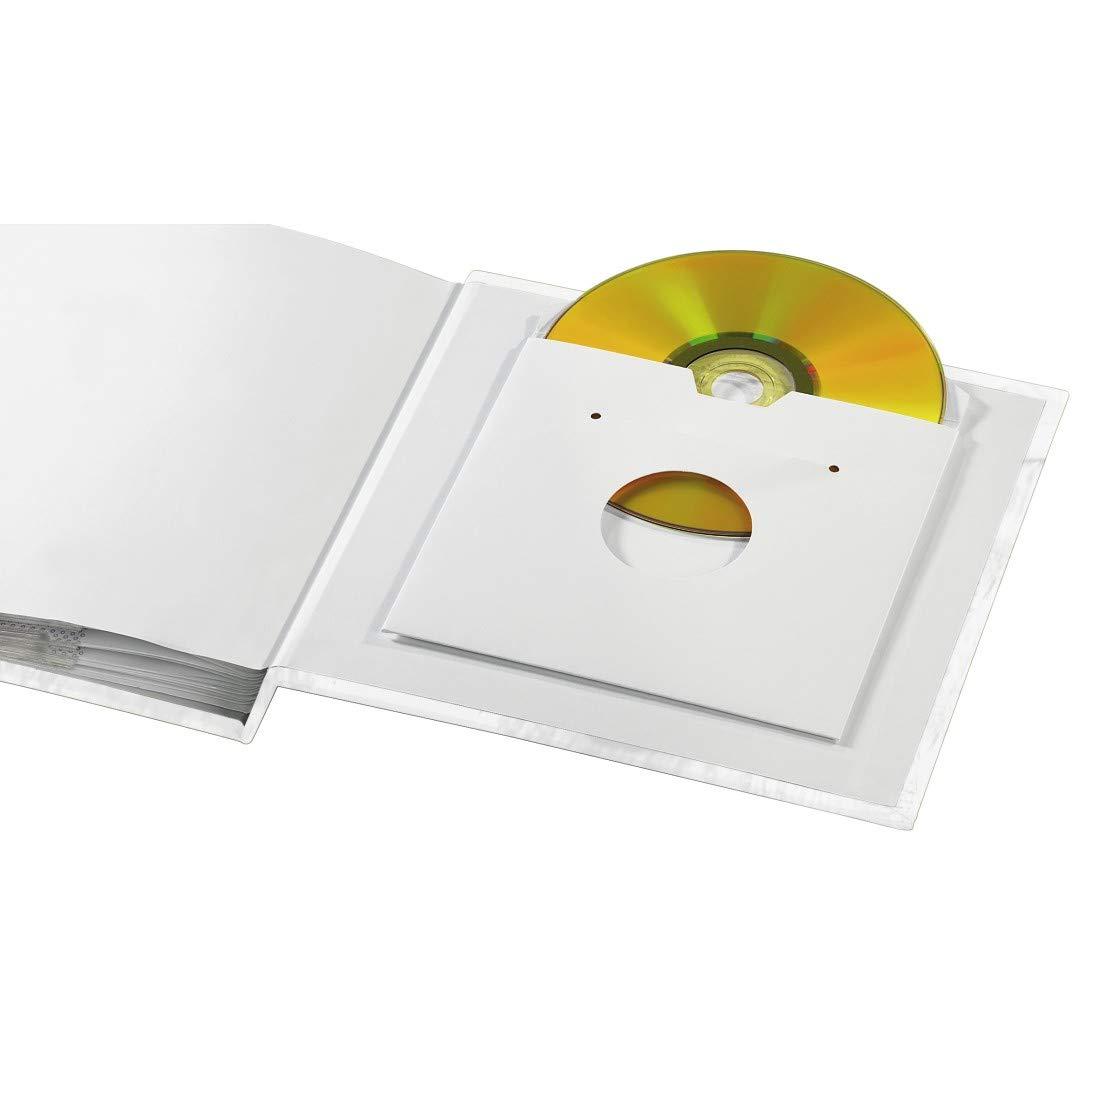 100 Hojas 10 x 15 cm 1 Pieza Hama Designline /álbum de Foto y Protector /Álbum de fotograf/ía s 225 mm 200 Hojas